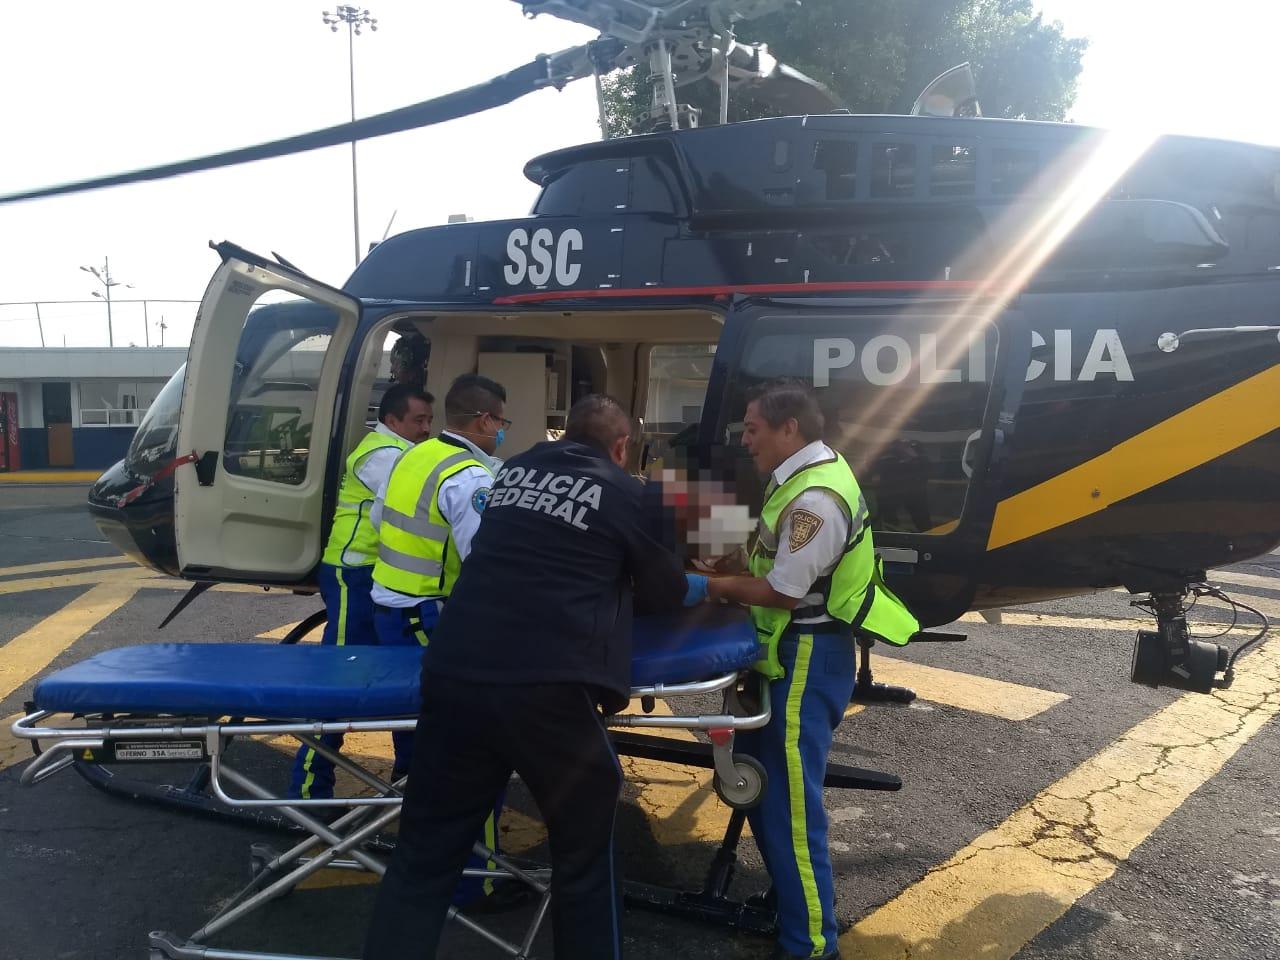 Cóndor de la SSC apoya en traslado de una persona que sufrió lesiones por disparos de arma de fuego